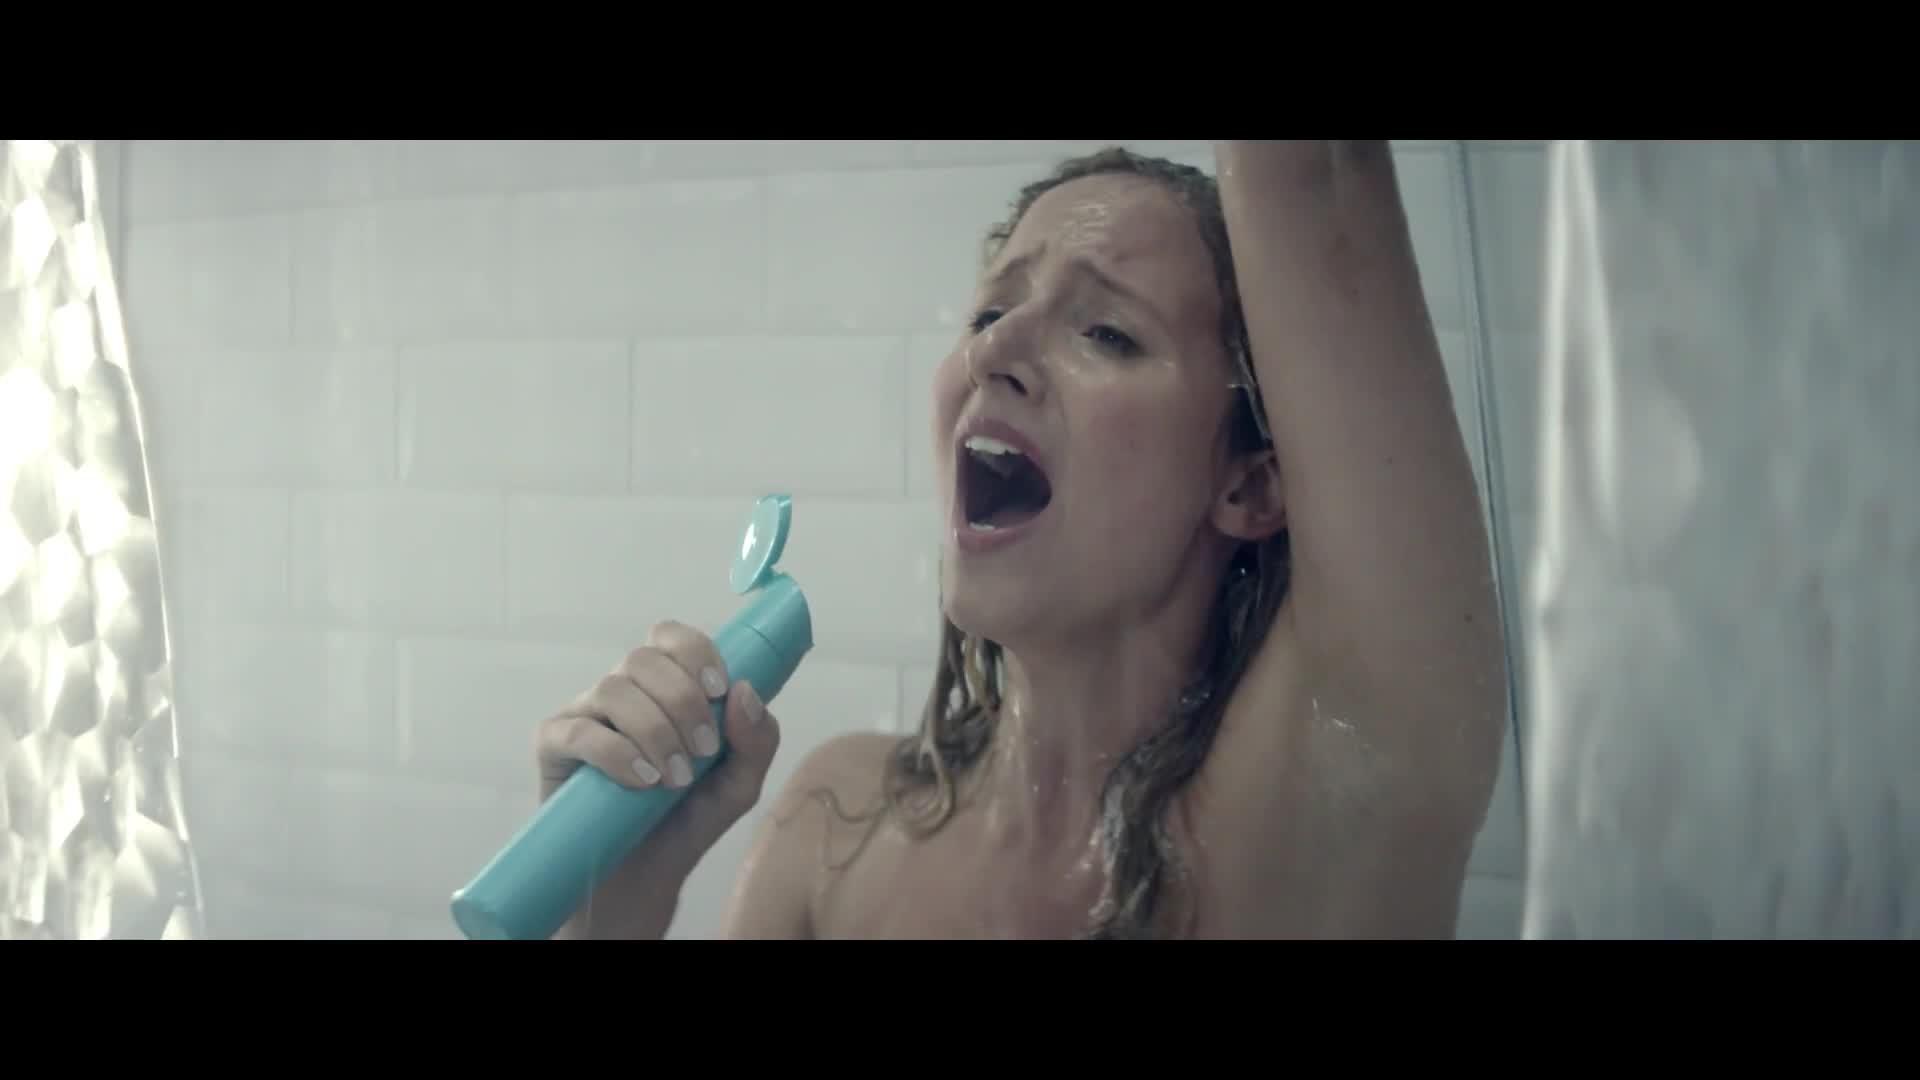 video porno grafico hentai tette enormi